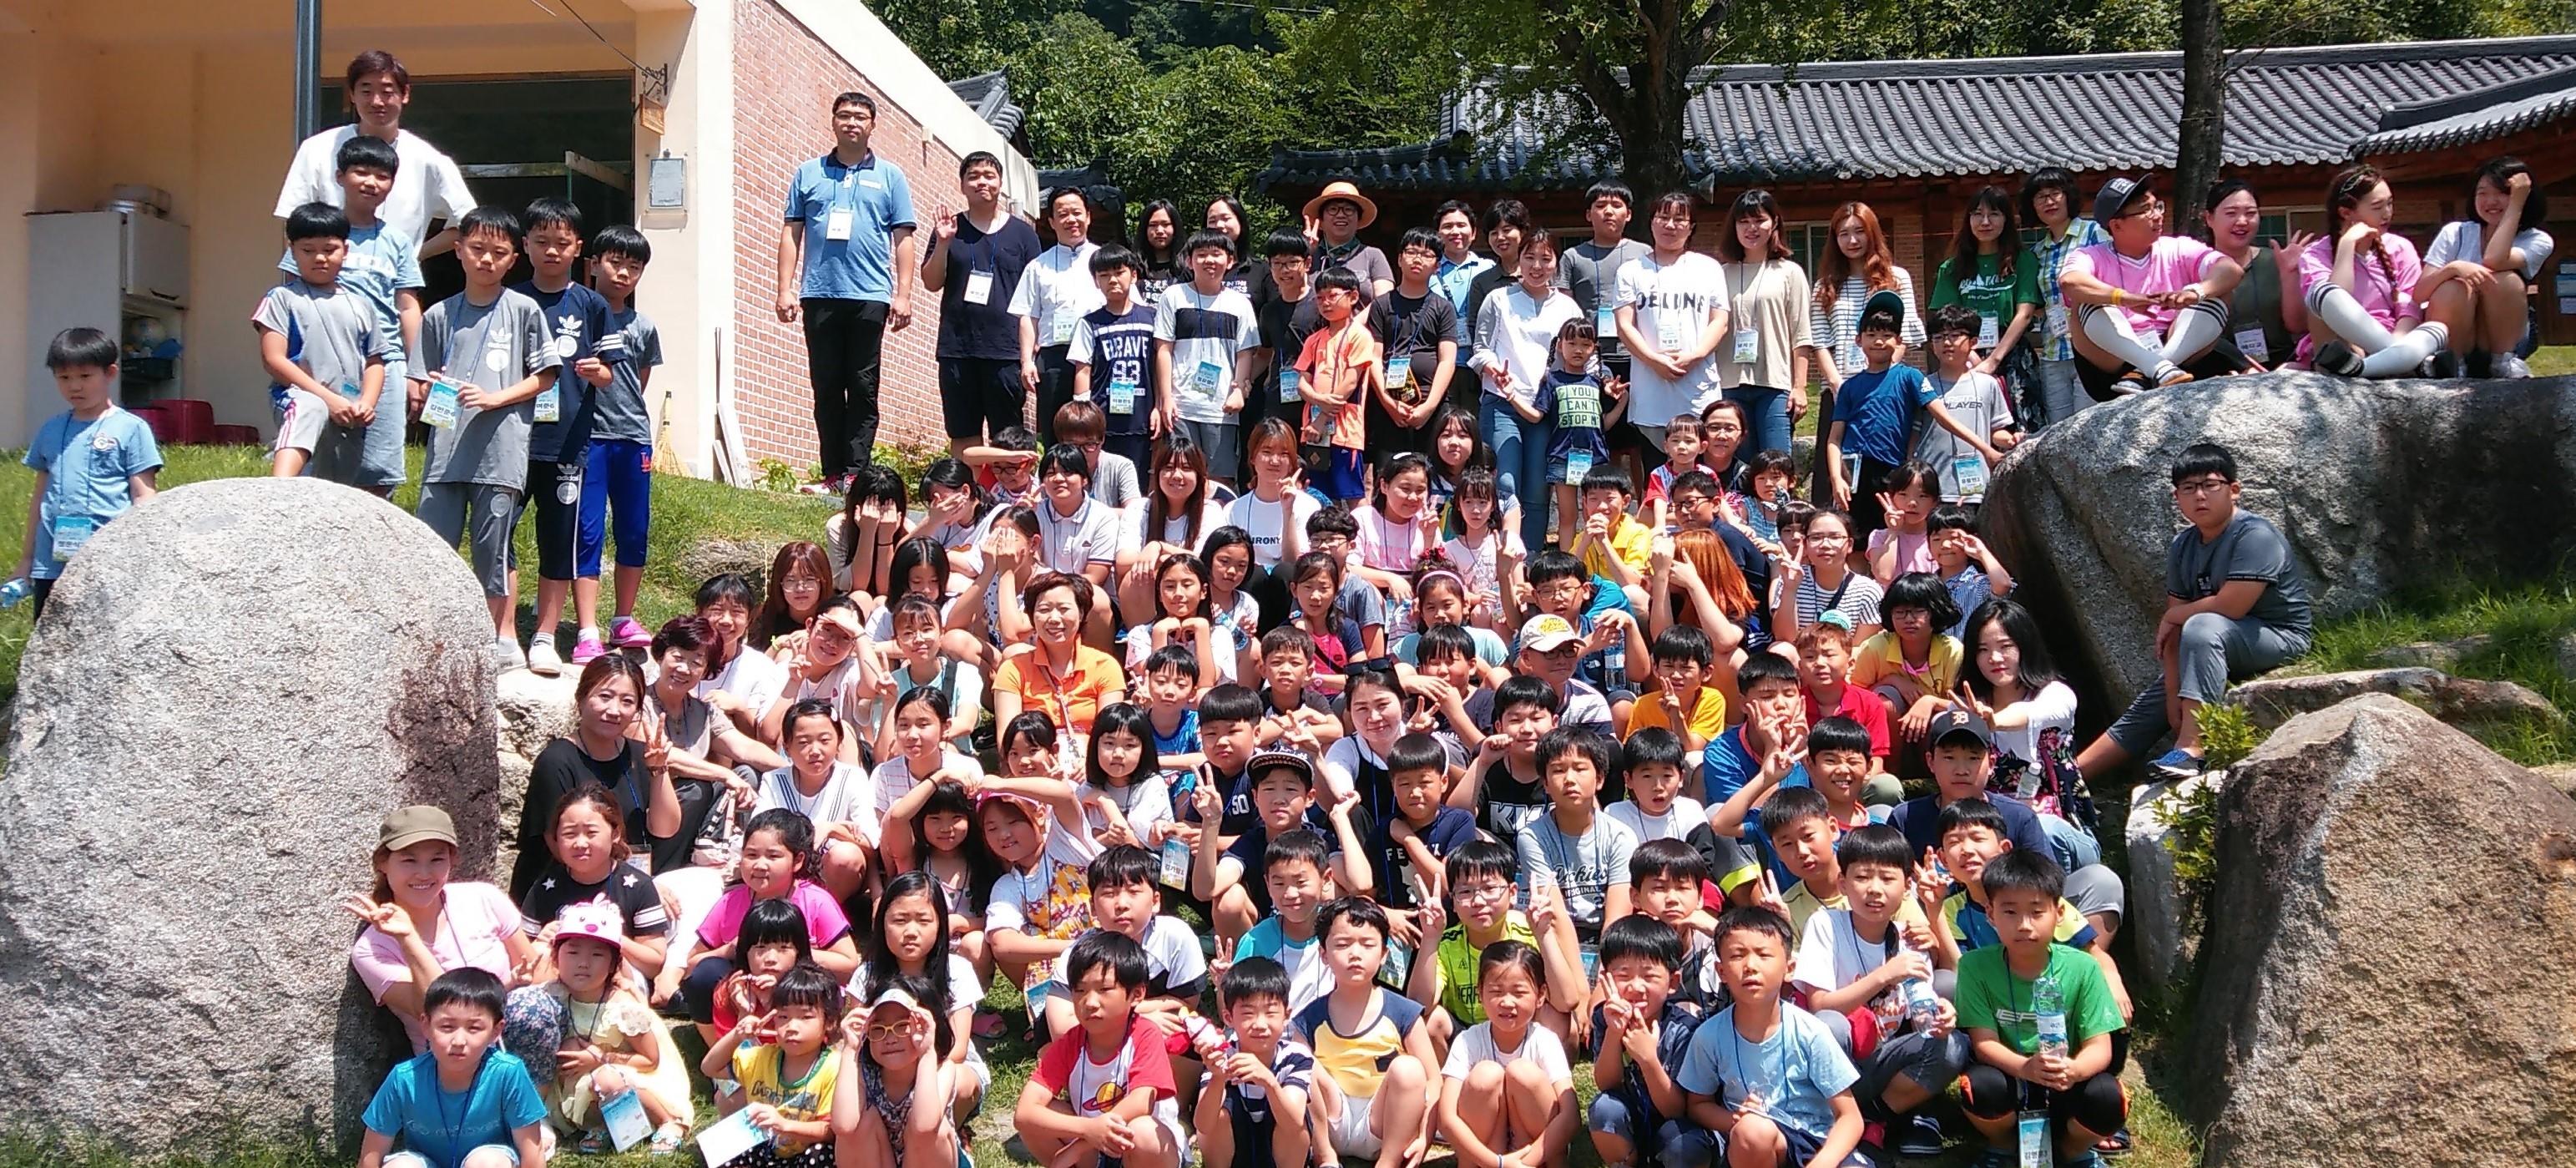 2017구미시찰 여름캠프 단체사진.jpg